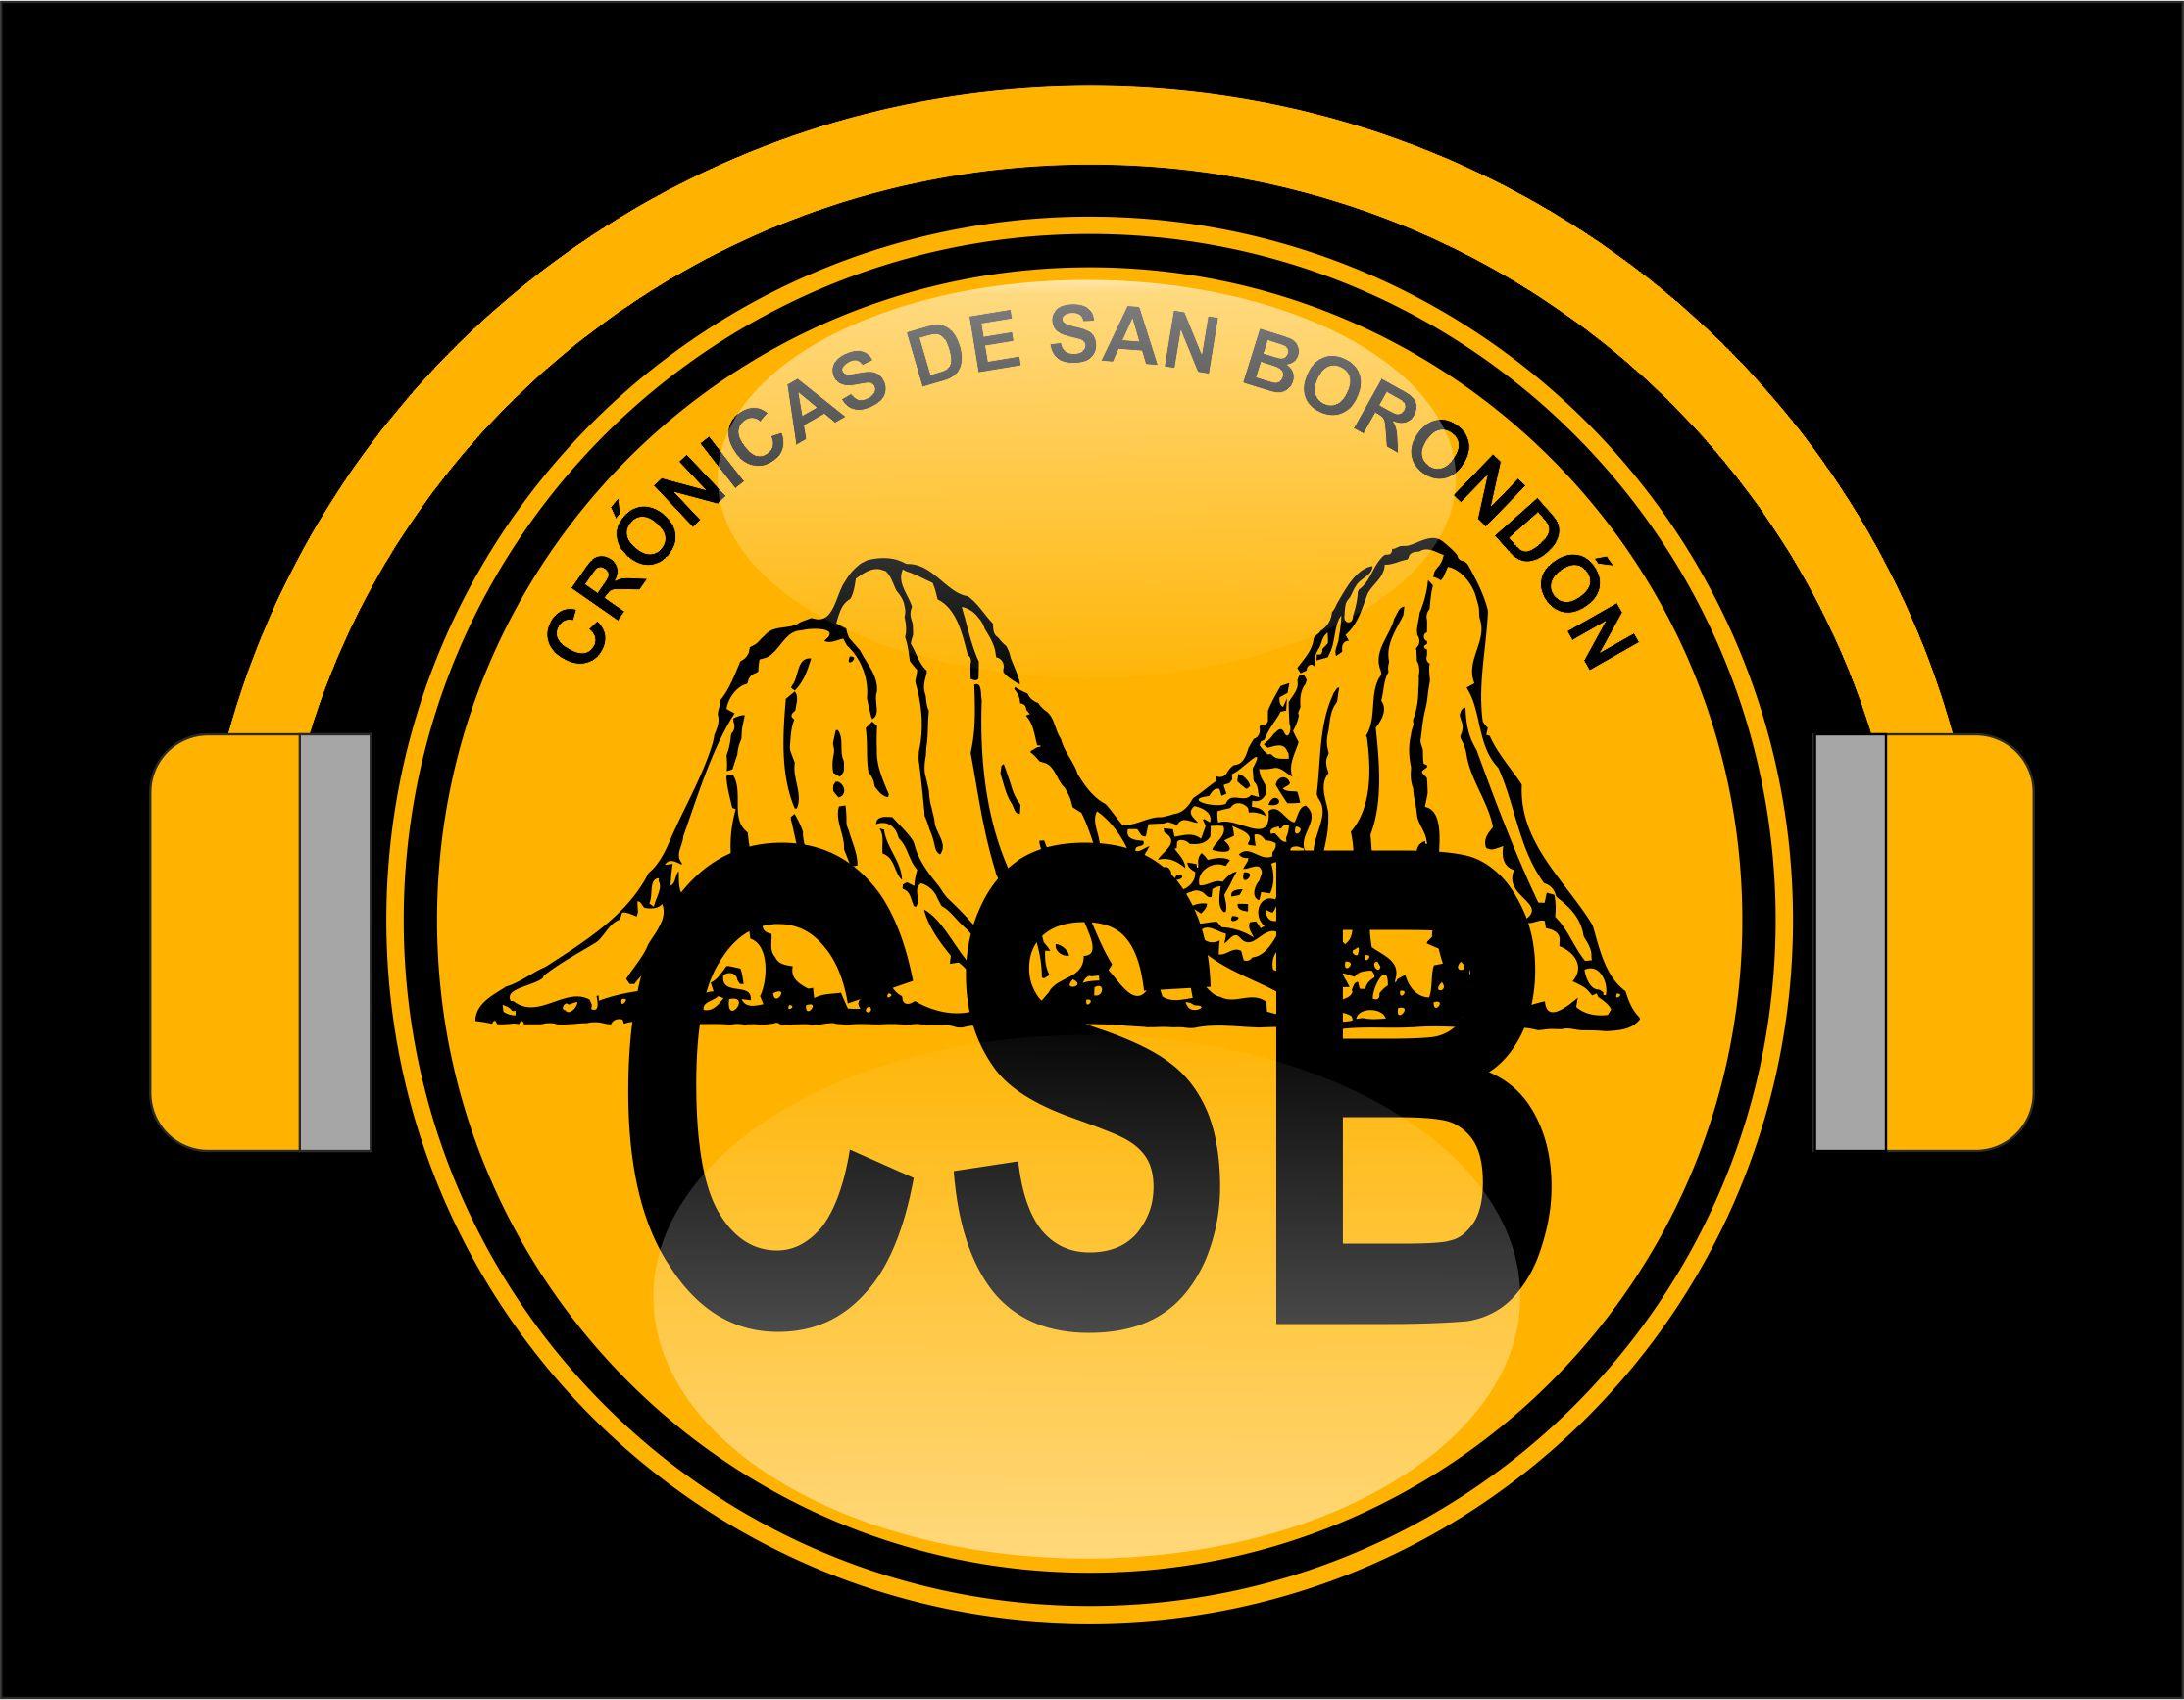 PODCAST CRÓNICAS DE SAN BORONDÓN